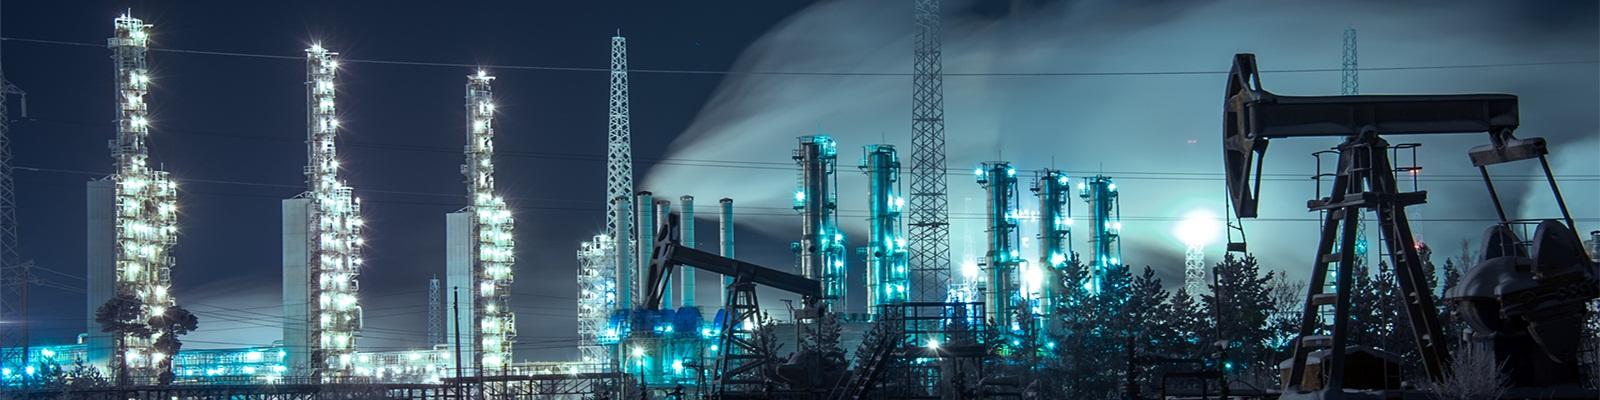 Export of bitumen